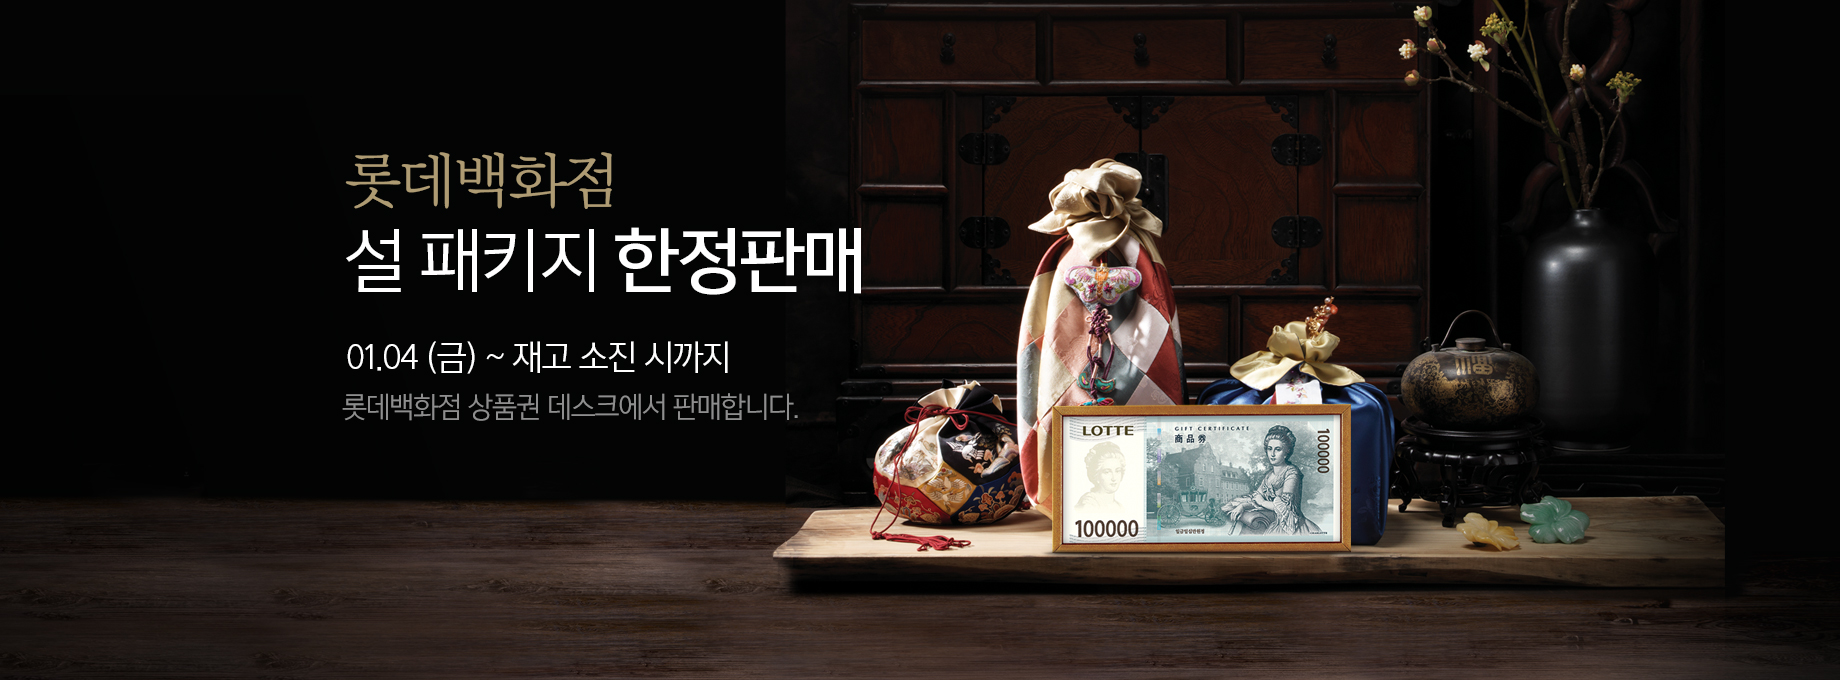 롯데백화점 설 패키지 한정판매 01.04 (금) ~ 재고 소진 시 까지 롯데백화점 상품권 데스크에서 판매합니다.